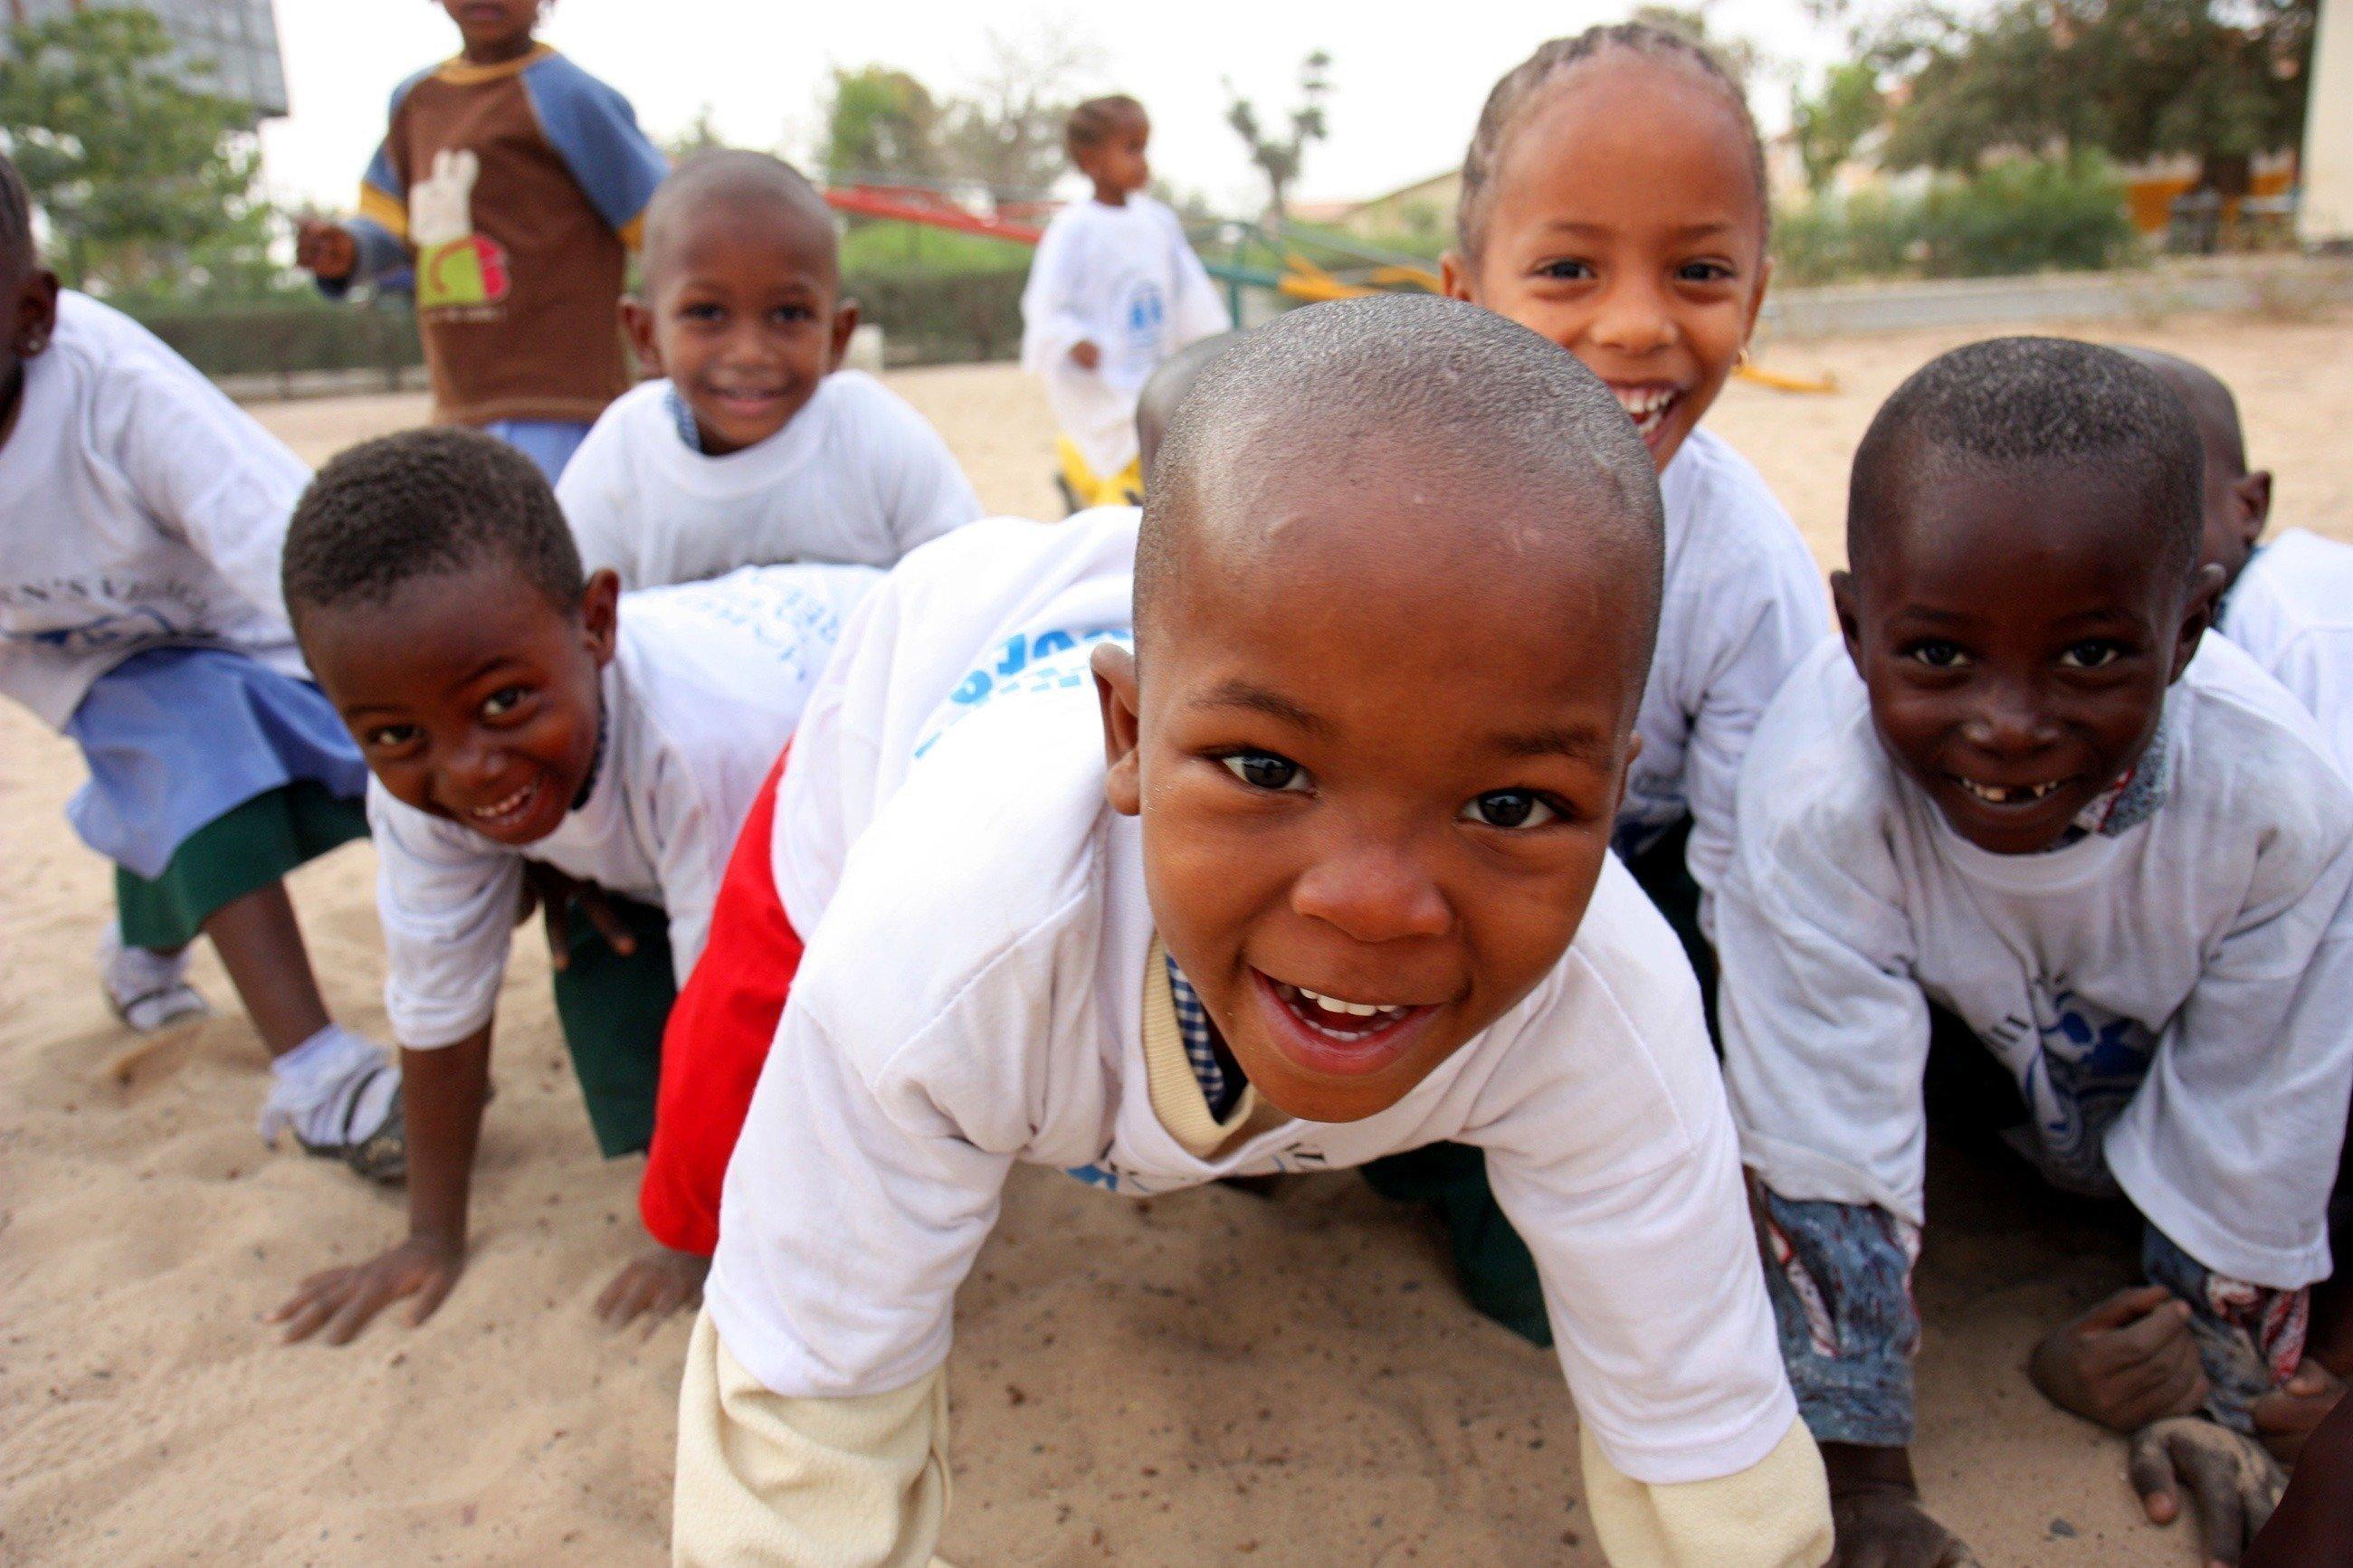 Plusieurs enfants jouent en riant devant l'appareil photo.